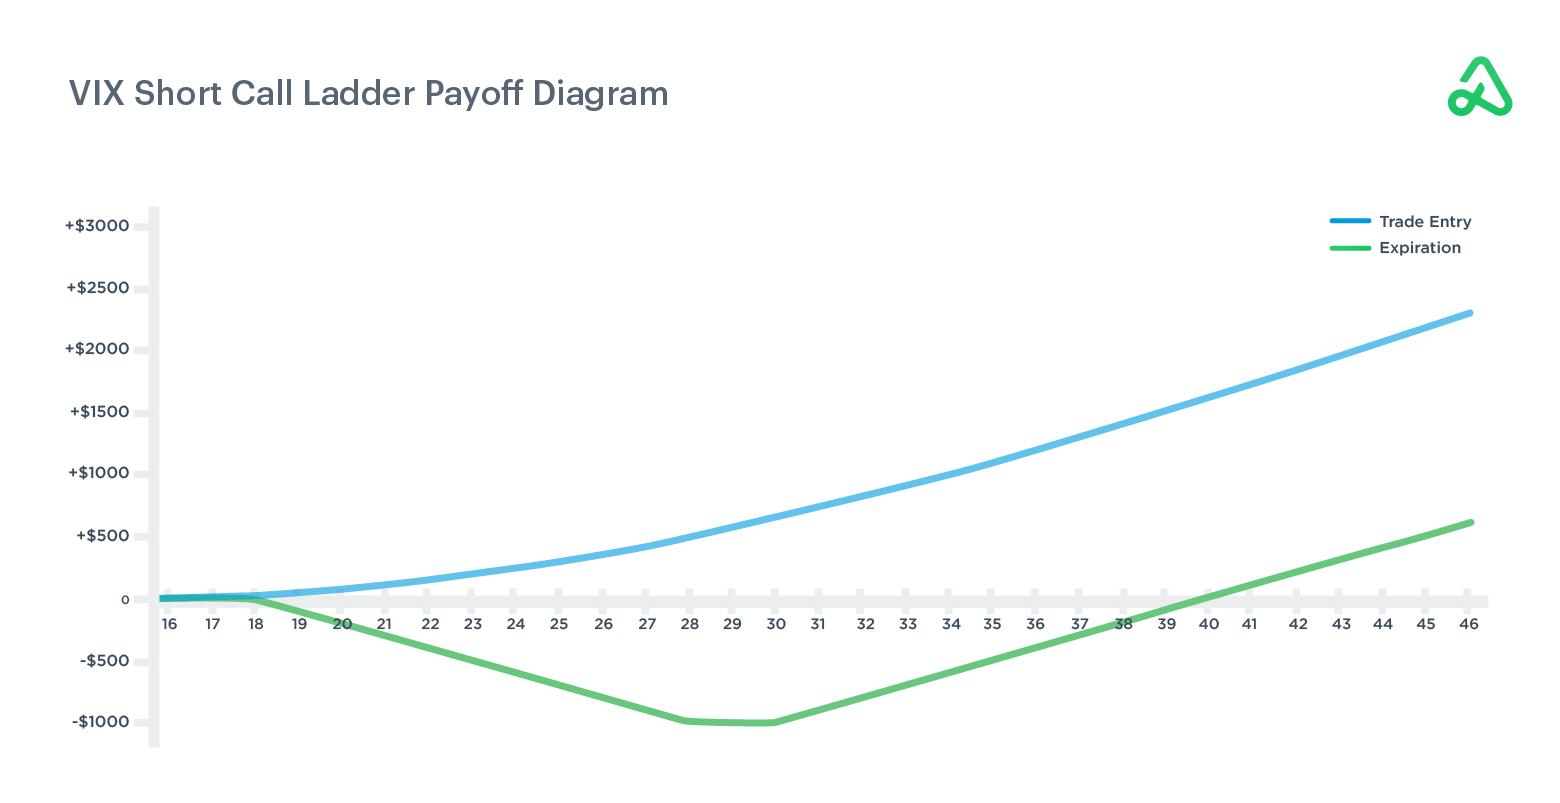 VIX Short Call Ladder Payoff Diagram